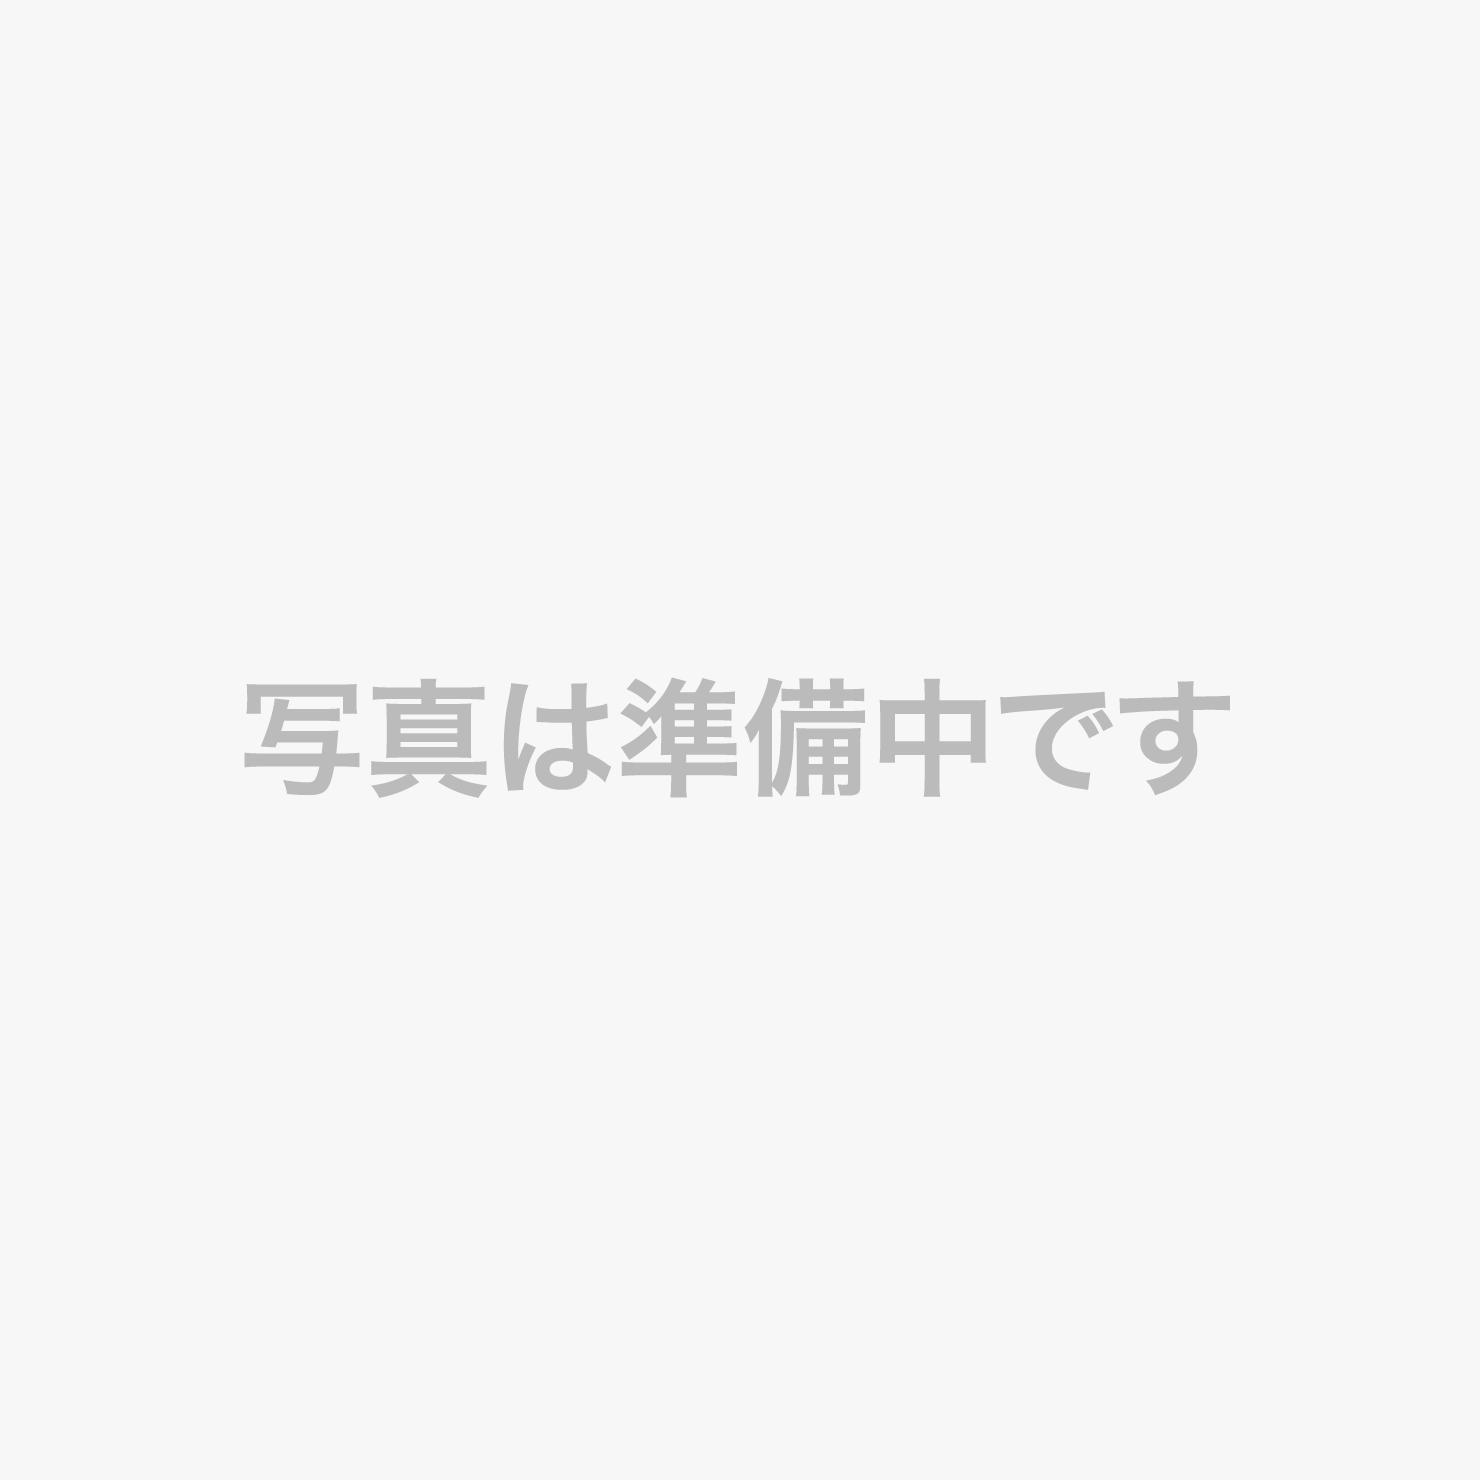 【ロイヤルグランシャリオ】ステーキコーナー